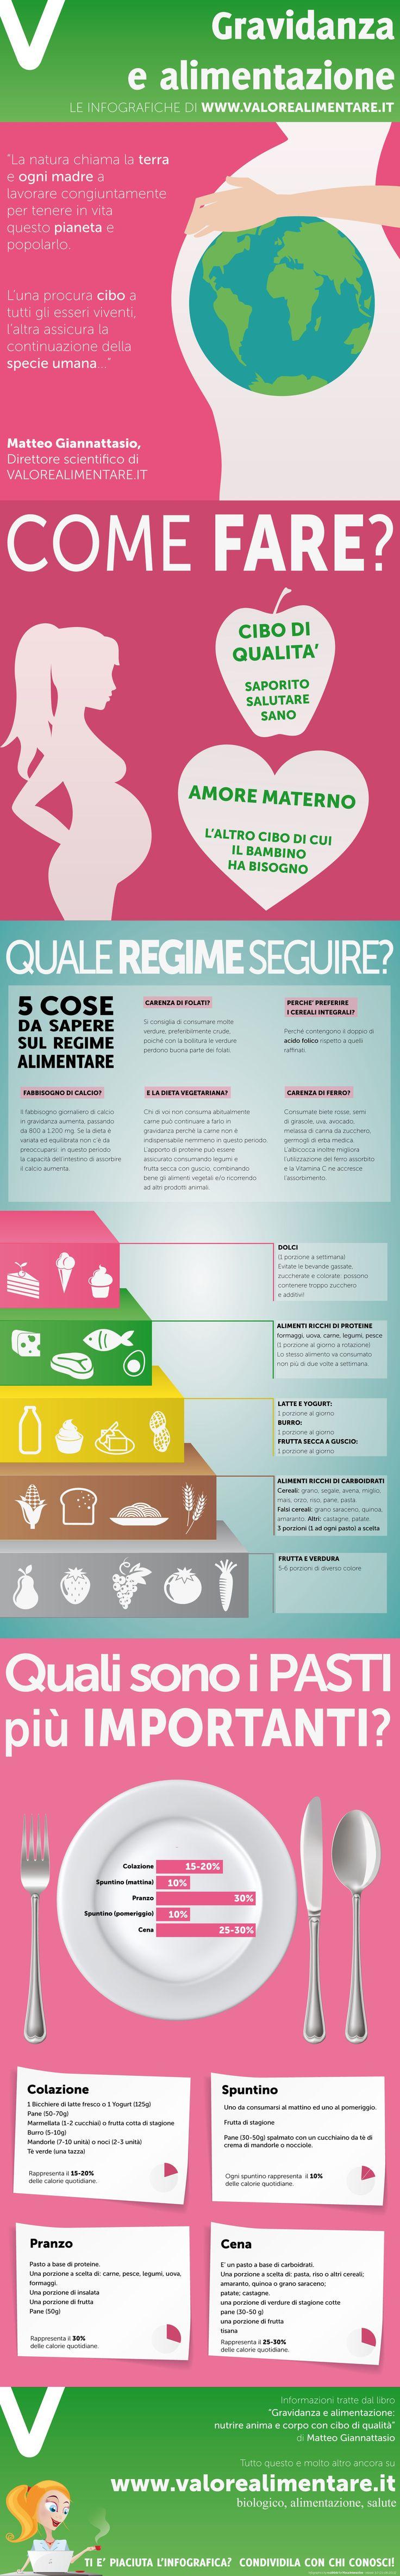 Alimentazione in gravidanza: consigli e menu